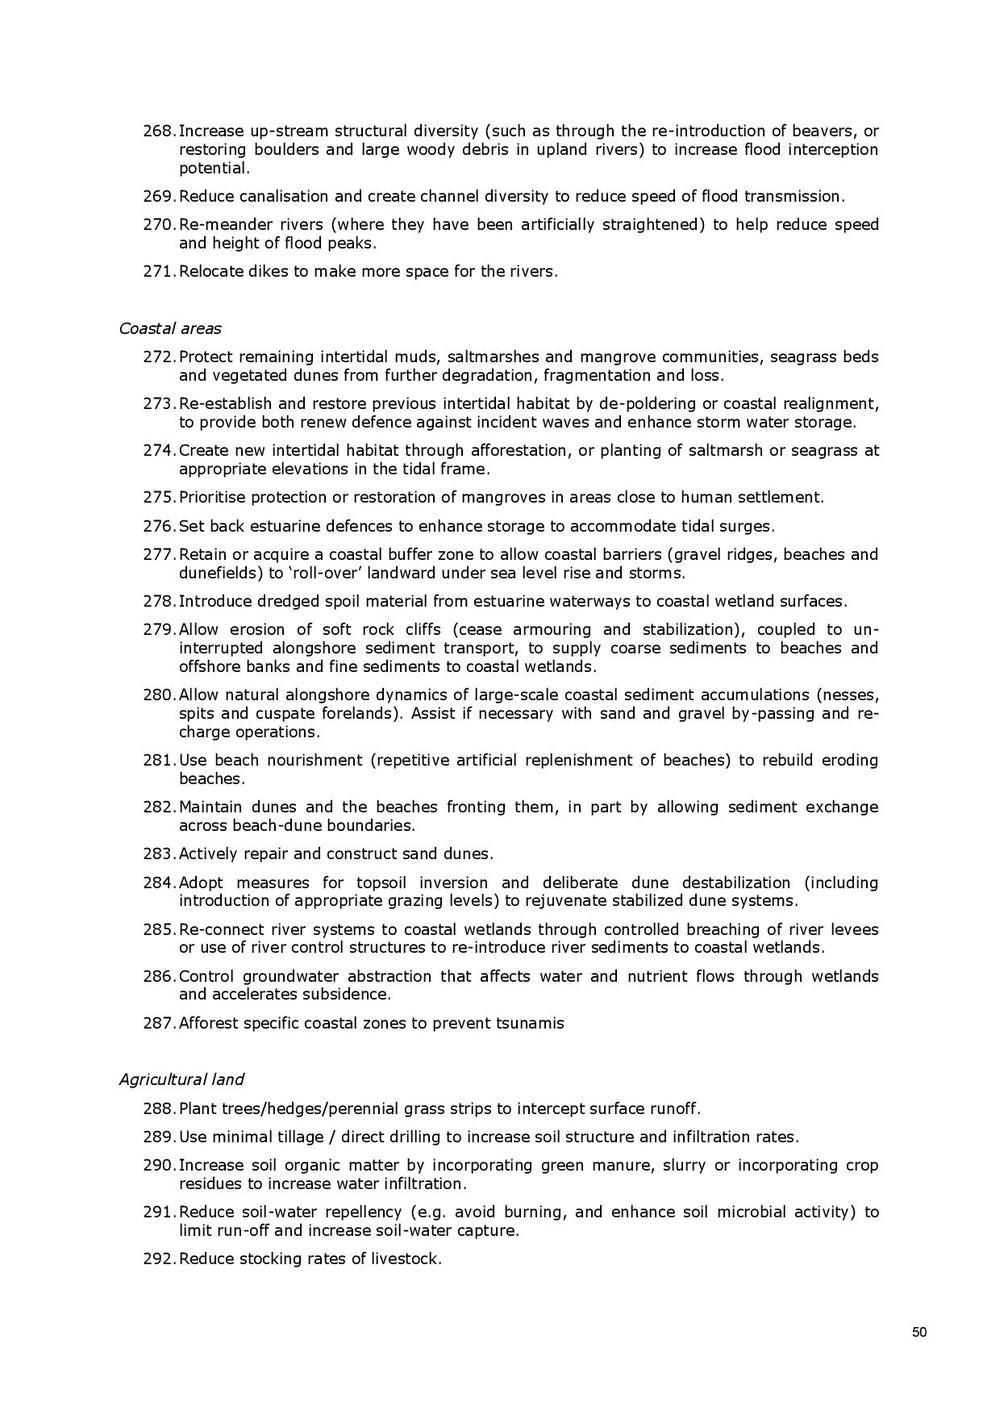 DG RTD_WEB-Publication A4_NBS_long_version_20150310-page-052.jpg